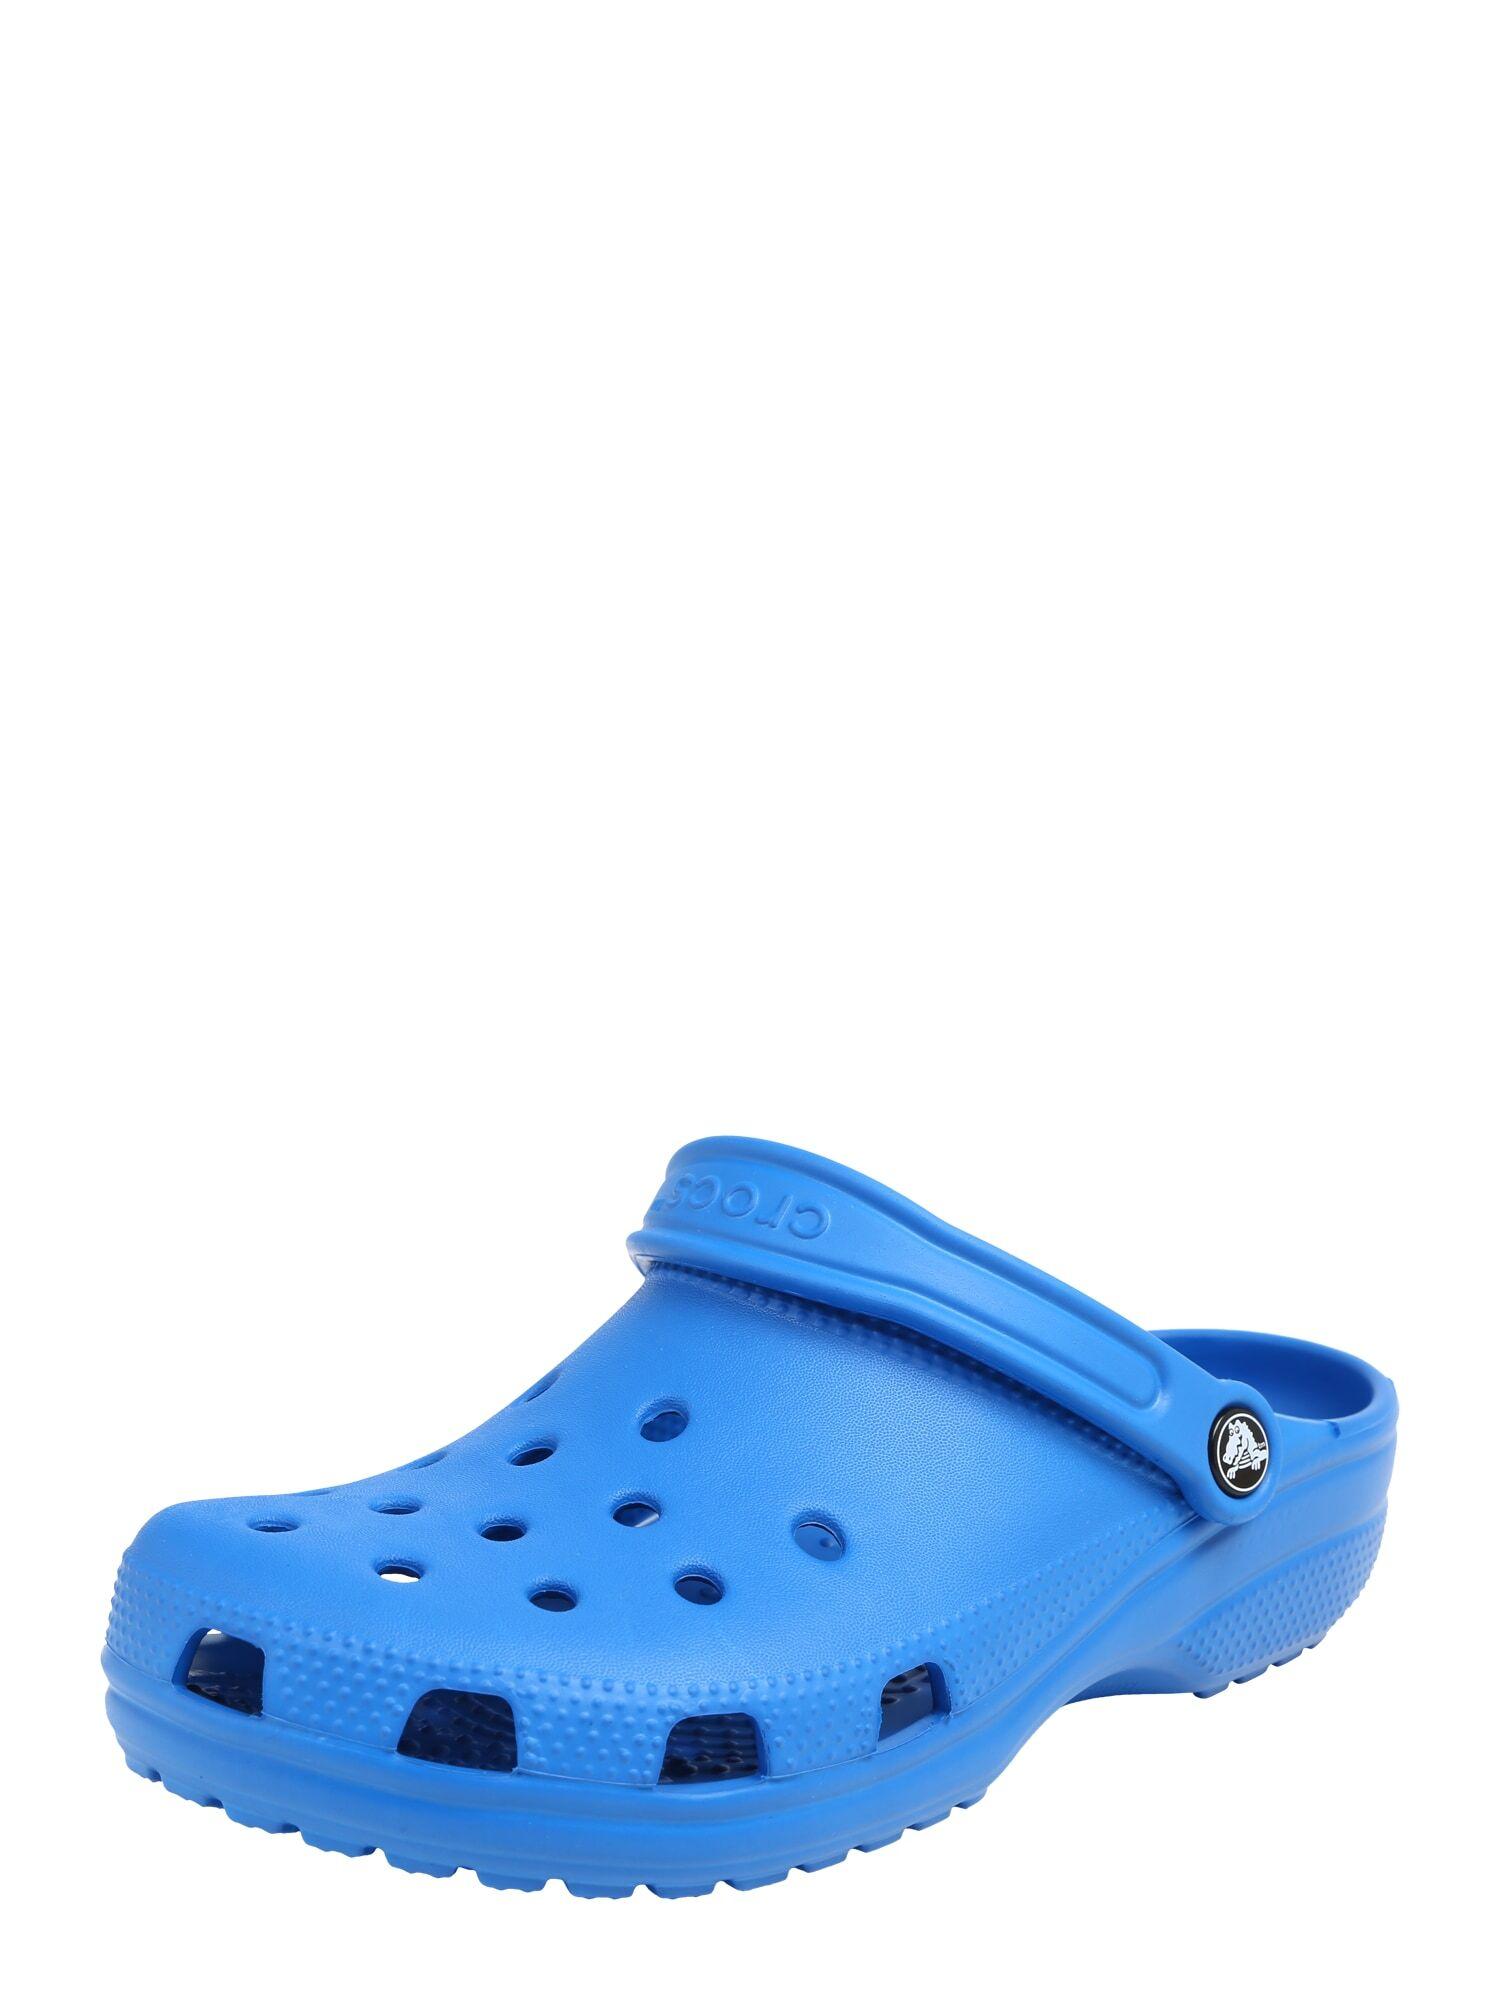 Crocs Sabots 'Classic'  - Bleu - Taille: M8W10 - male